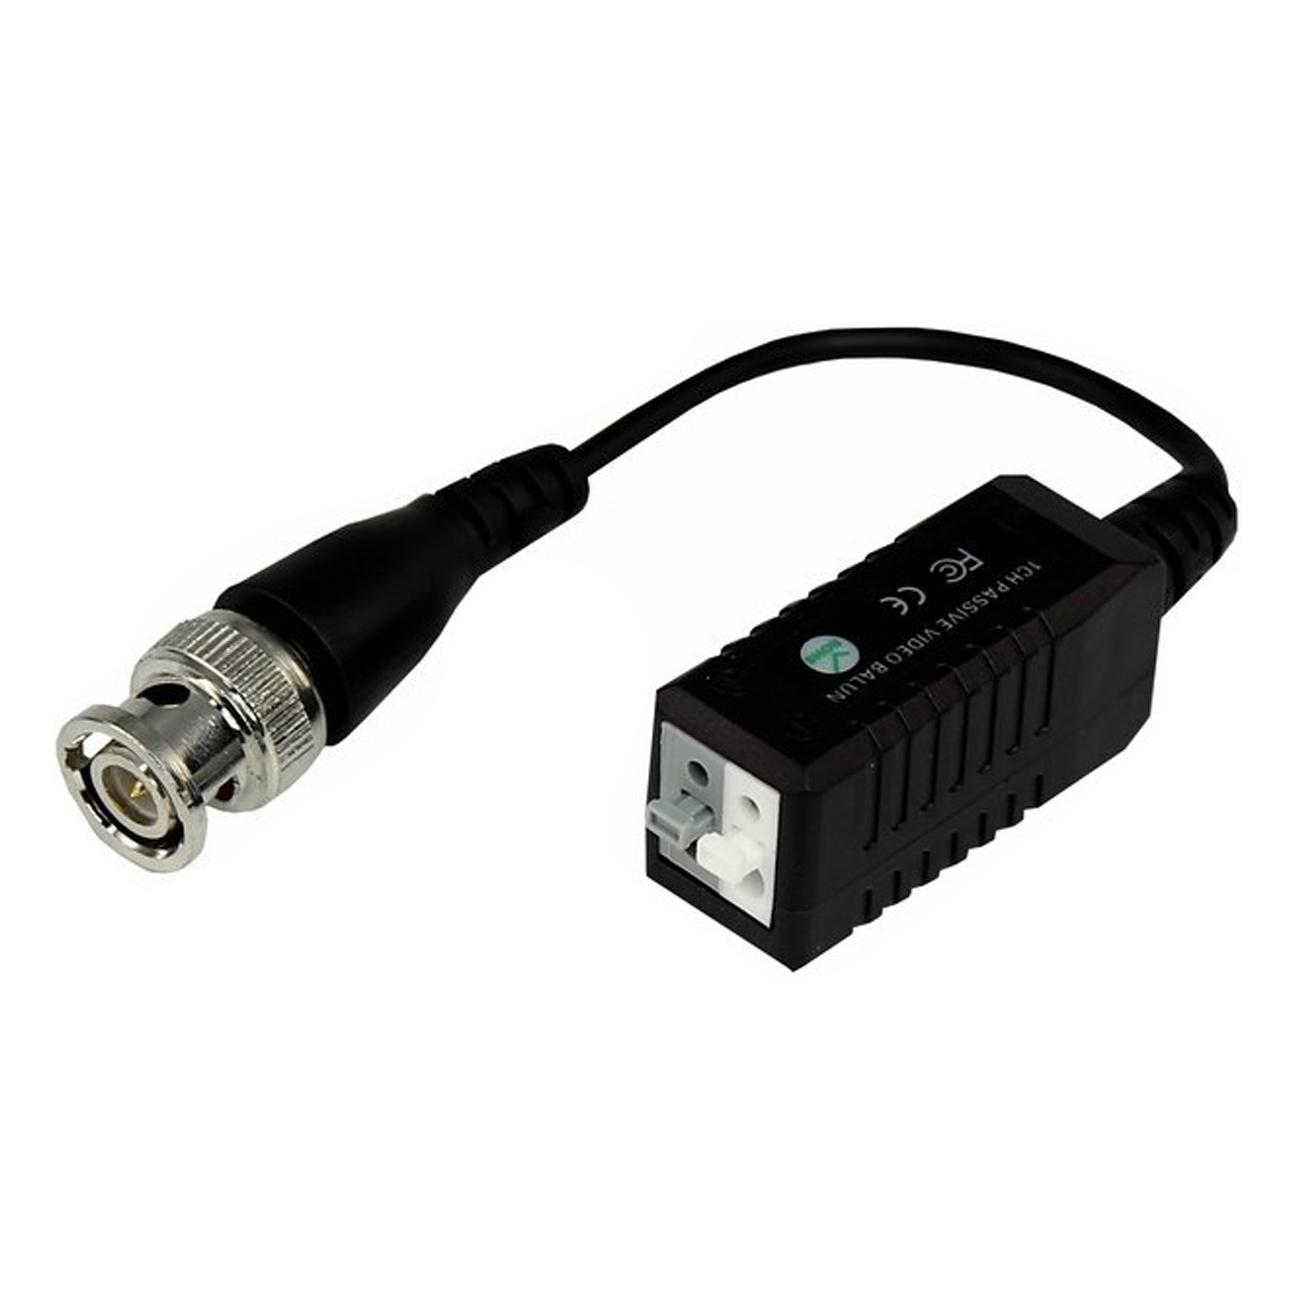 Фото Приемопередатчик PROconnect, пассивный AHD, CVI, TVI (комплект 2 шт.) {05-3077-6}